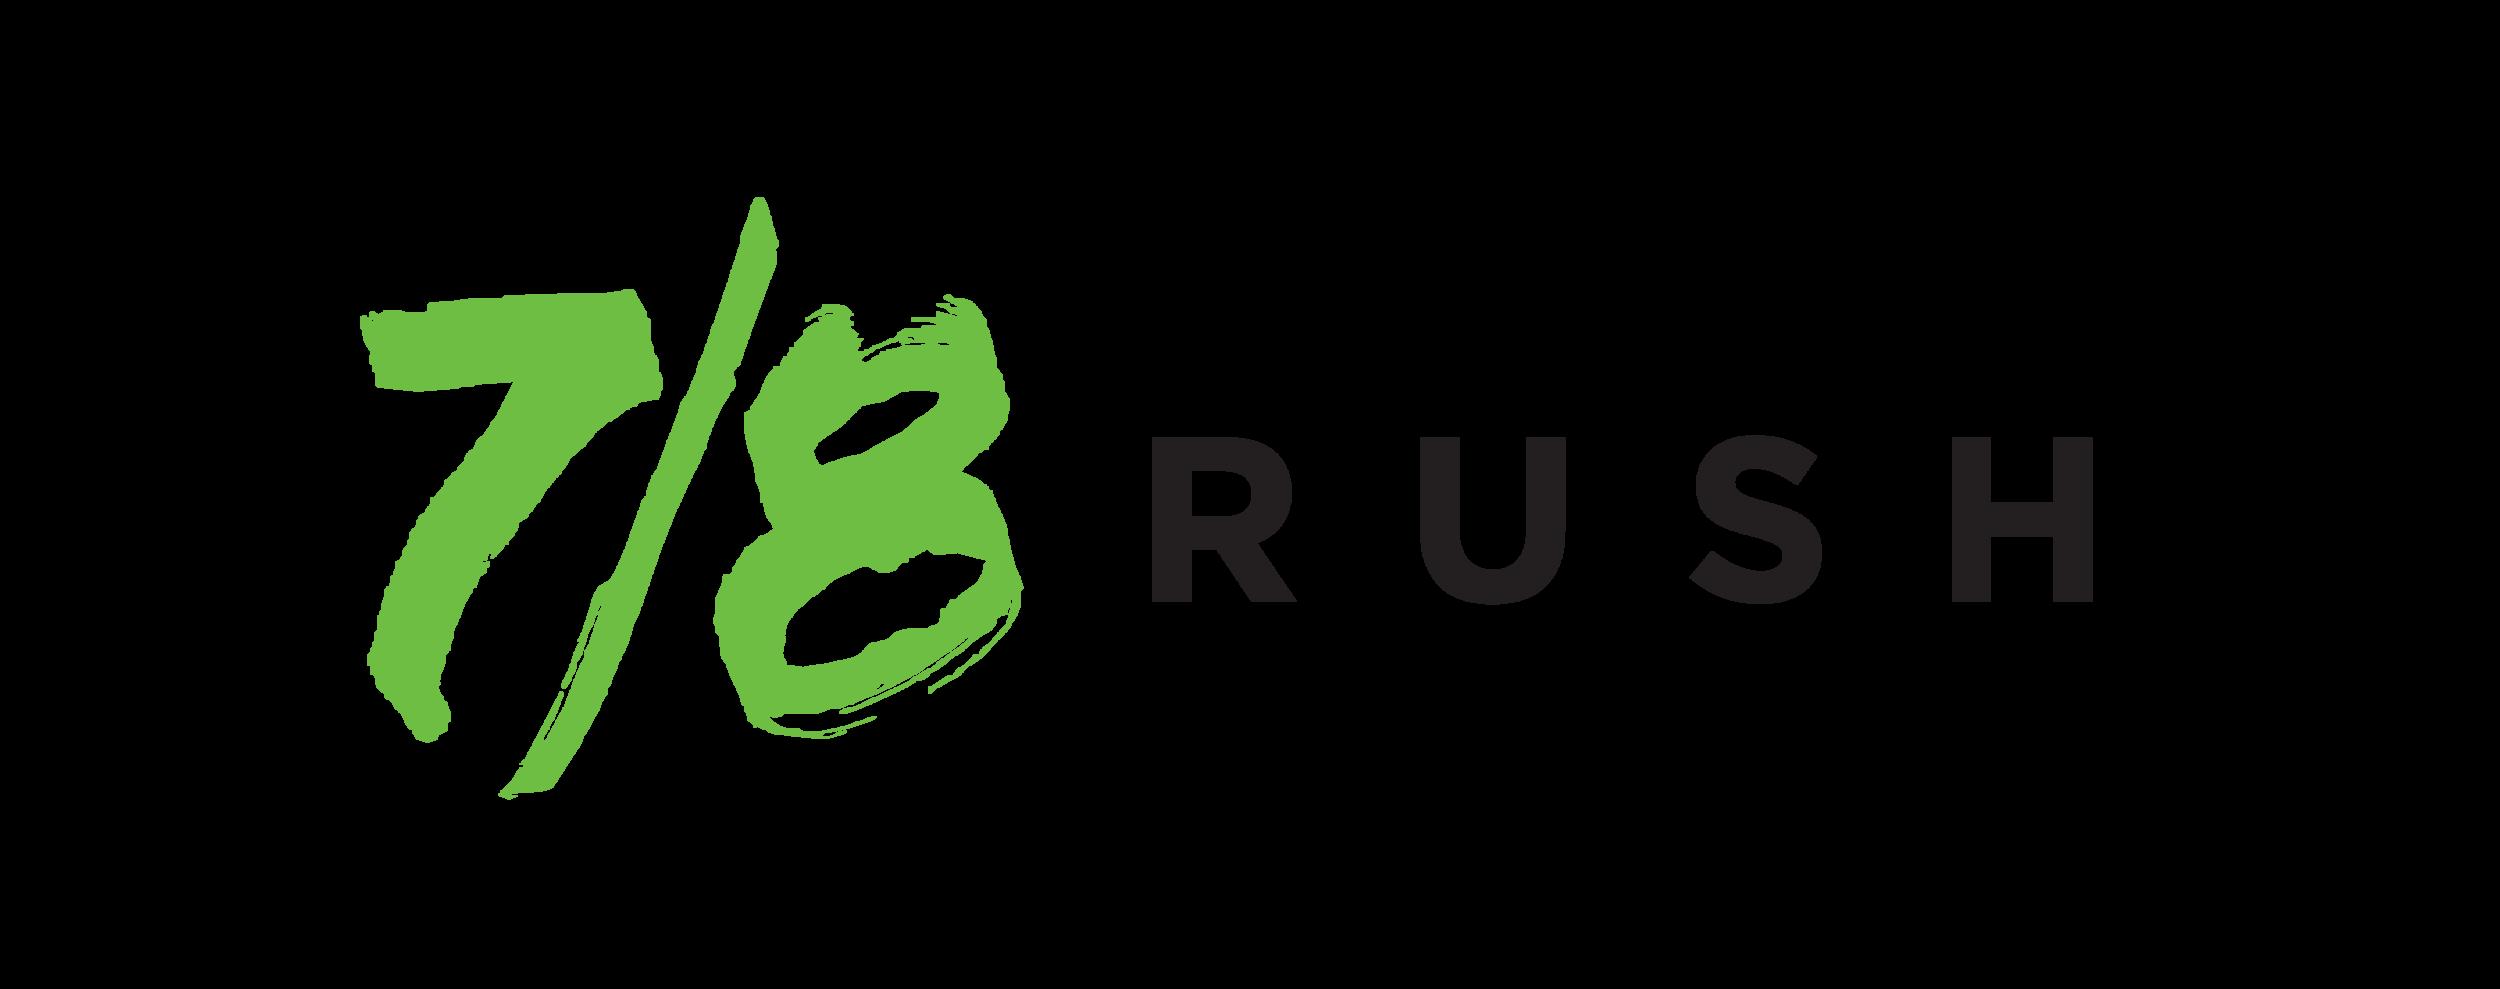 RUSH Cardio fitness fun class